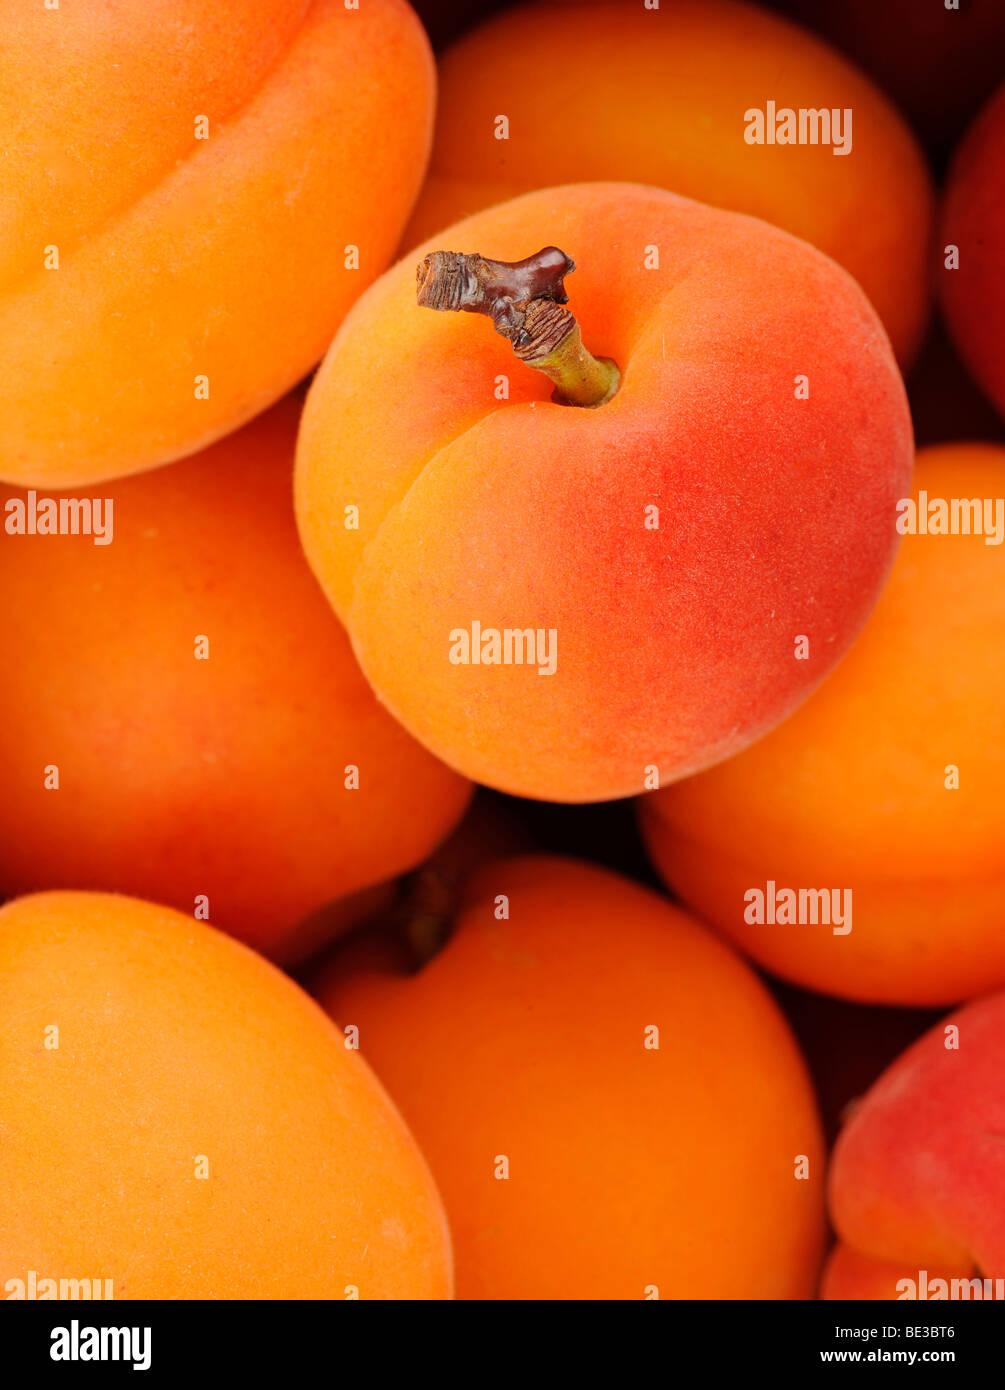 Apricots (Prunus armeniaca) - Stock Image